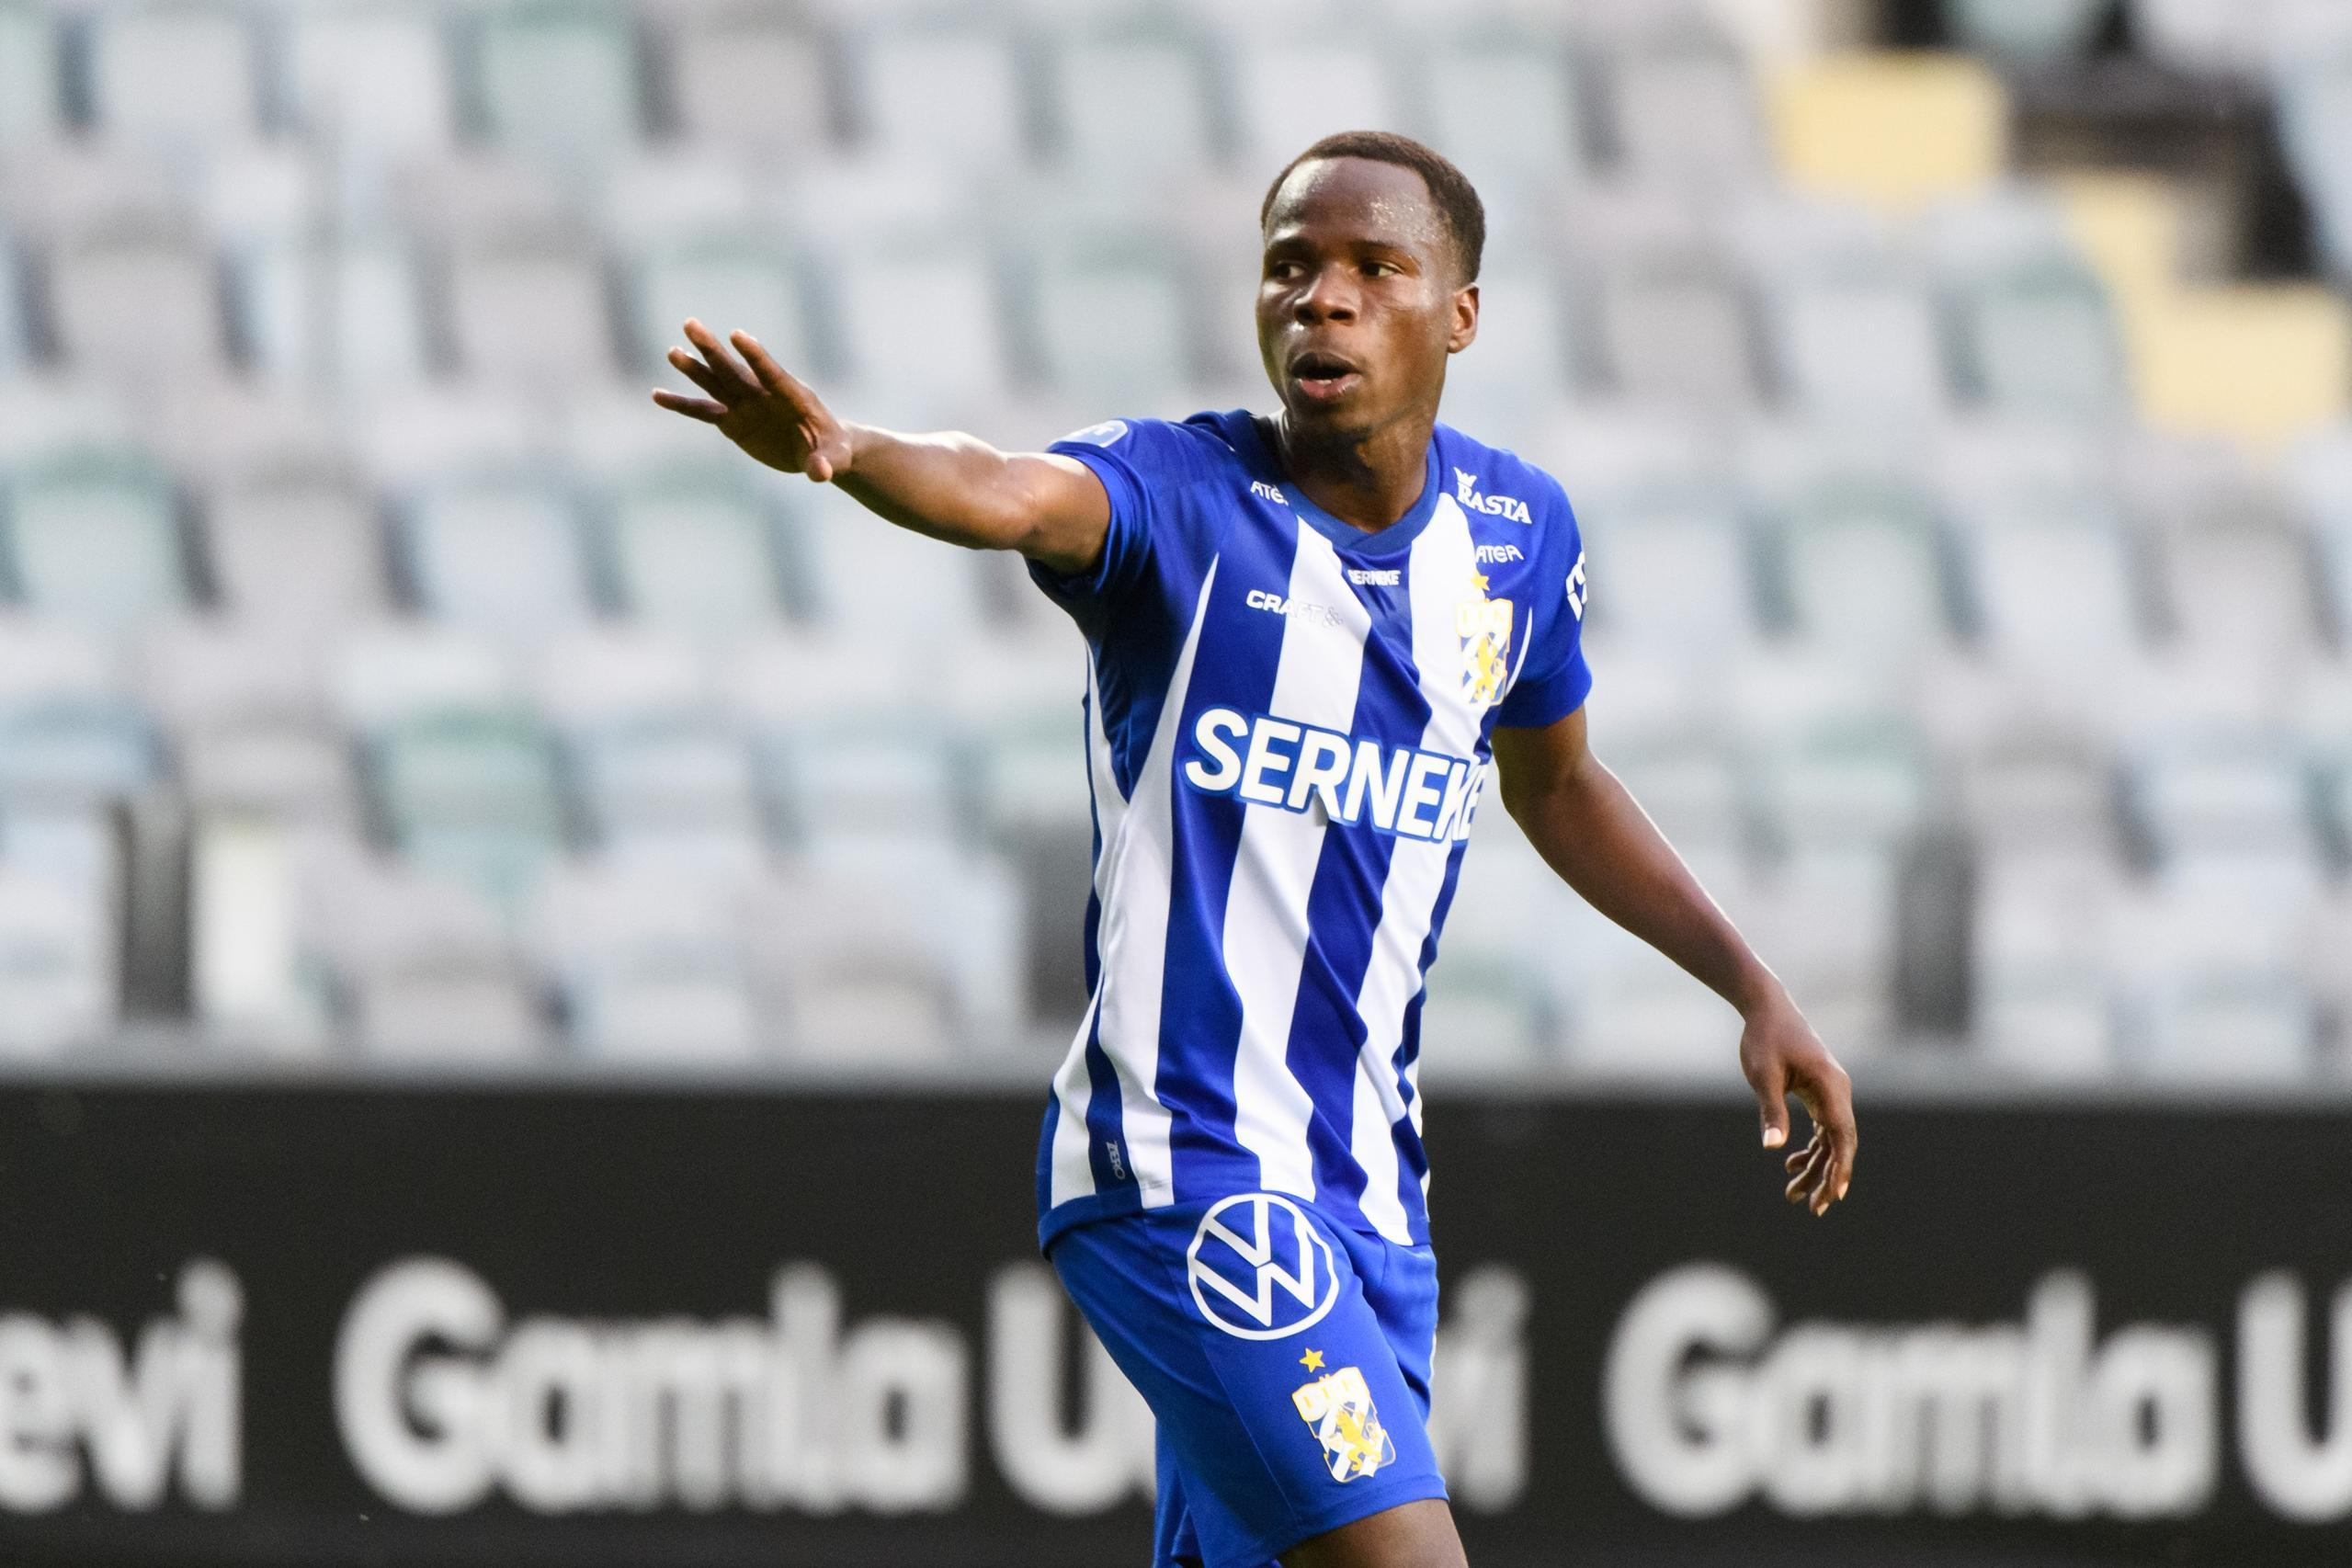 """Yusuf den outtröttlige: """"Orkar mer än en normal fotbollsspelare"""""""